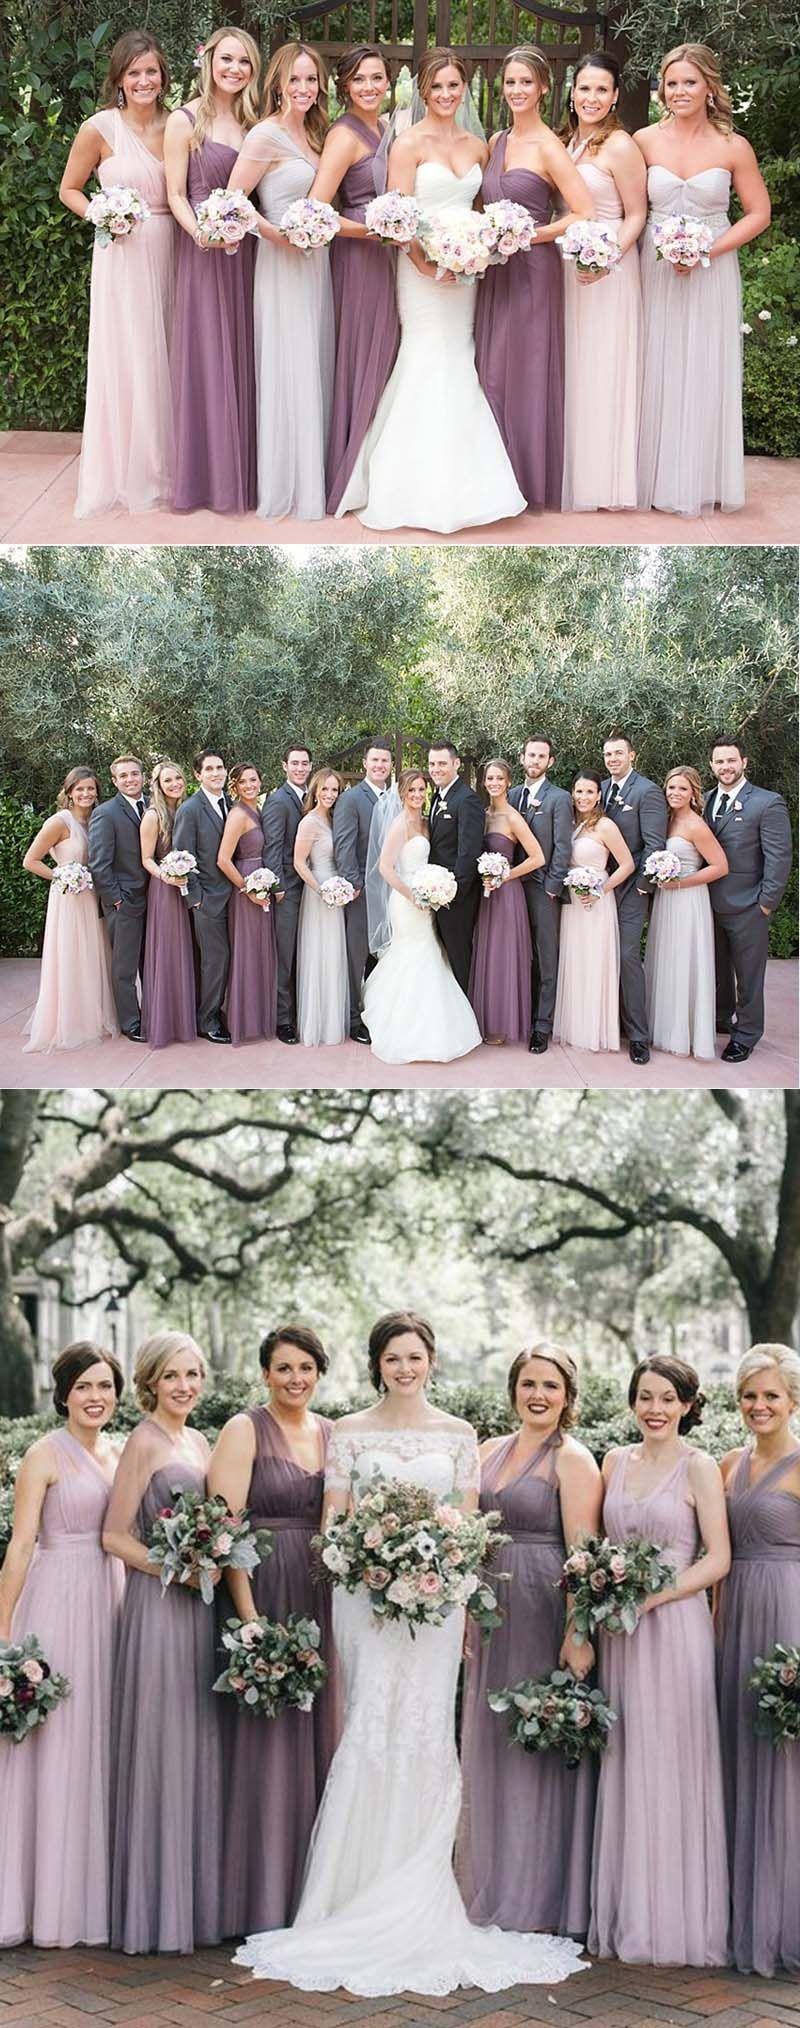 Top 6 Mauve Wedding Color Palettes Mauve Wedding Colors Dusty Purple Bridesmaid Dresses Purple Bridesmaid Dresses [ 2028 x 800 Pixel ]